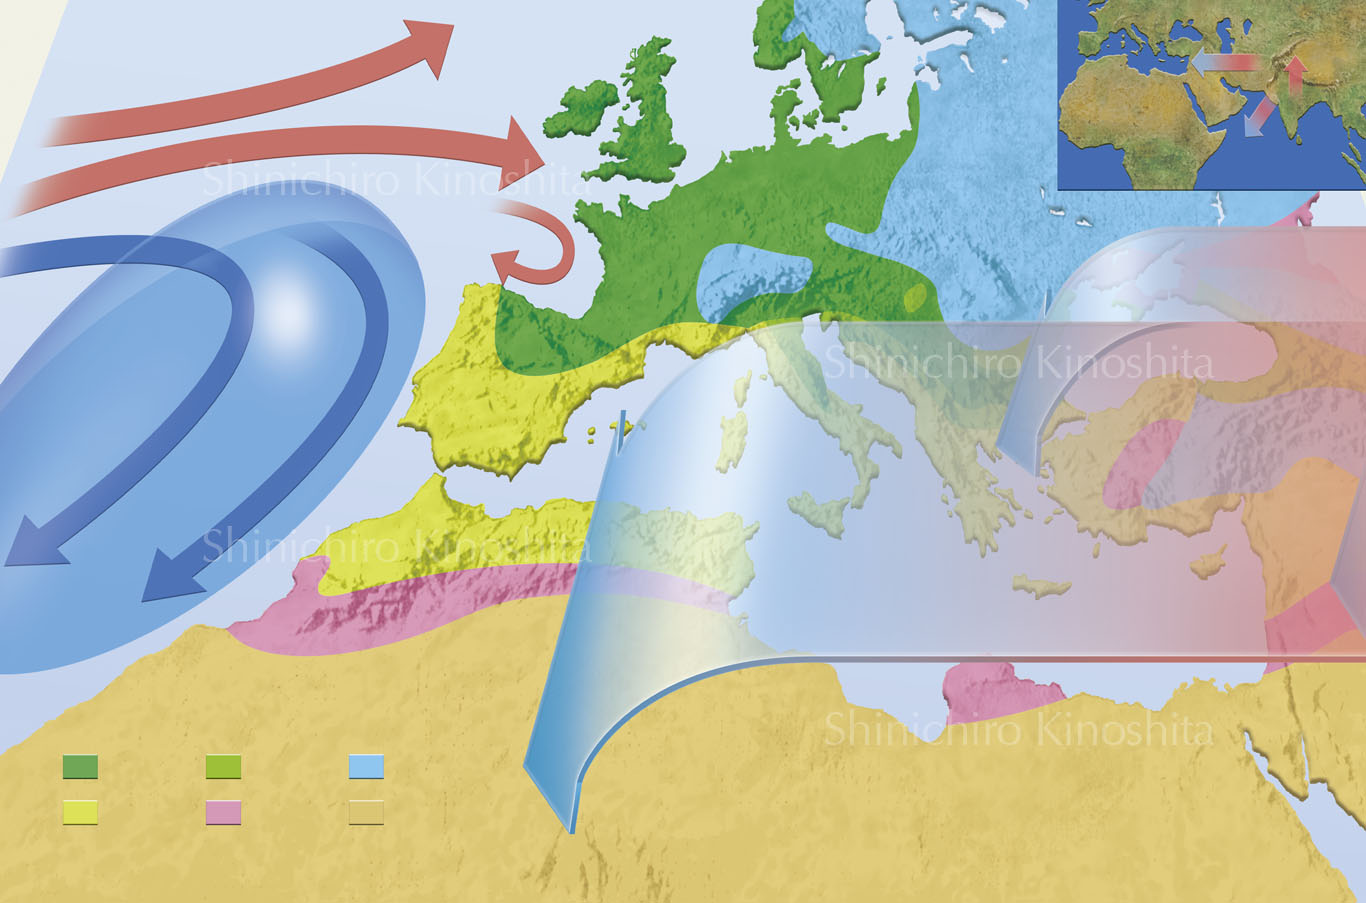 地中海の気候ーNewton別冊「天気と気象」